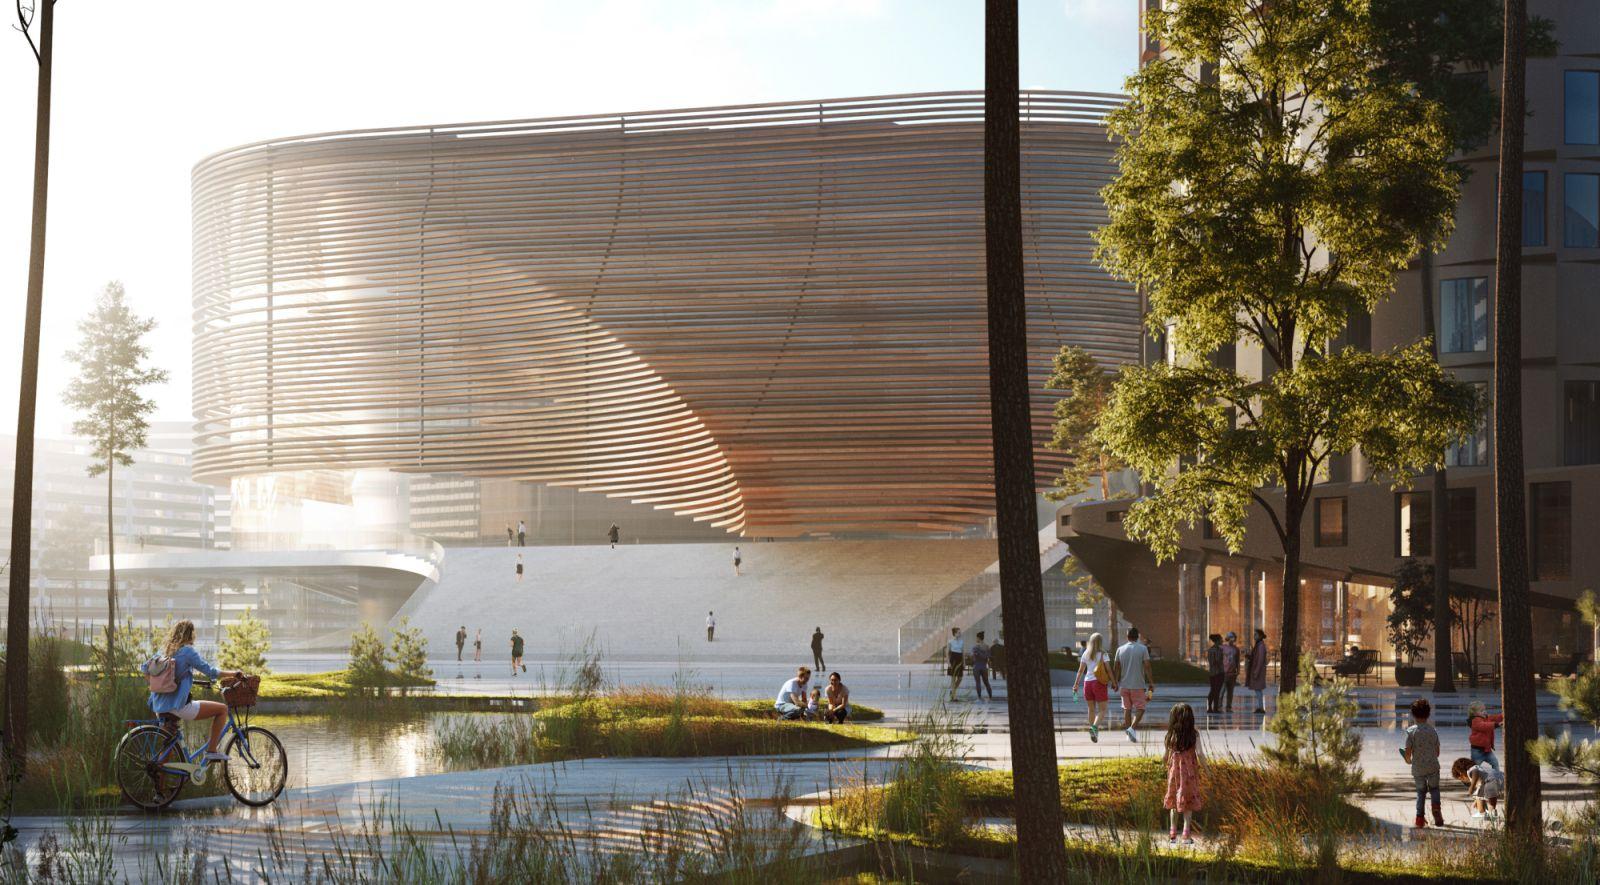 new Arena in Bergen